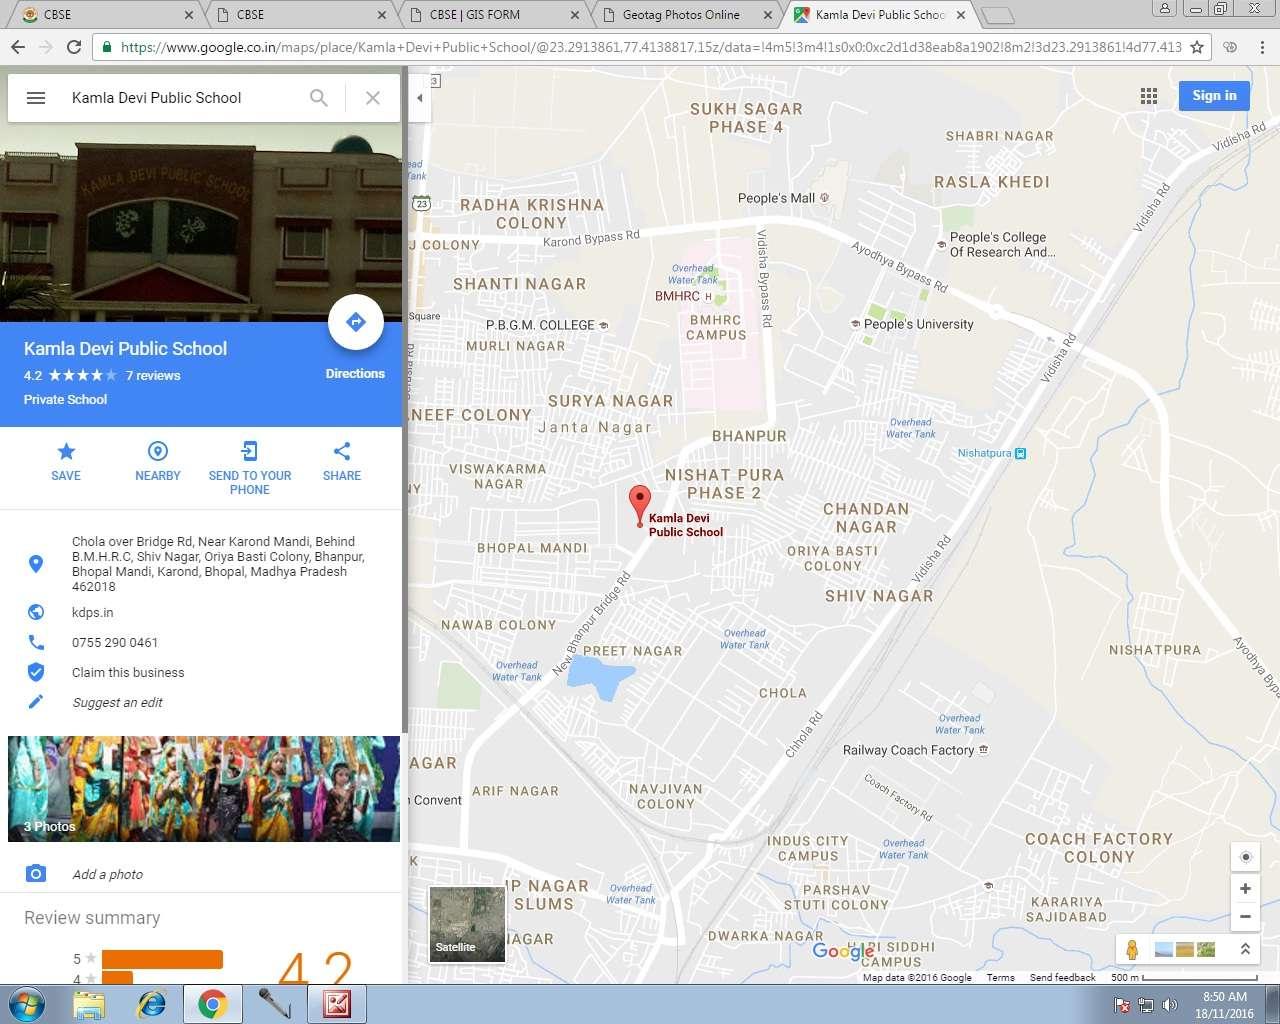 KAMLA DEVI PUBLIC SCHOOL BHOPAL MADHYA PRADESH 1030680